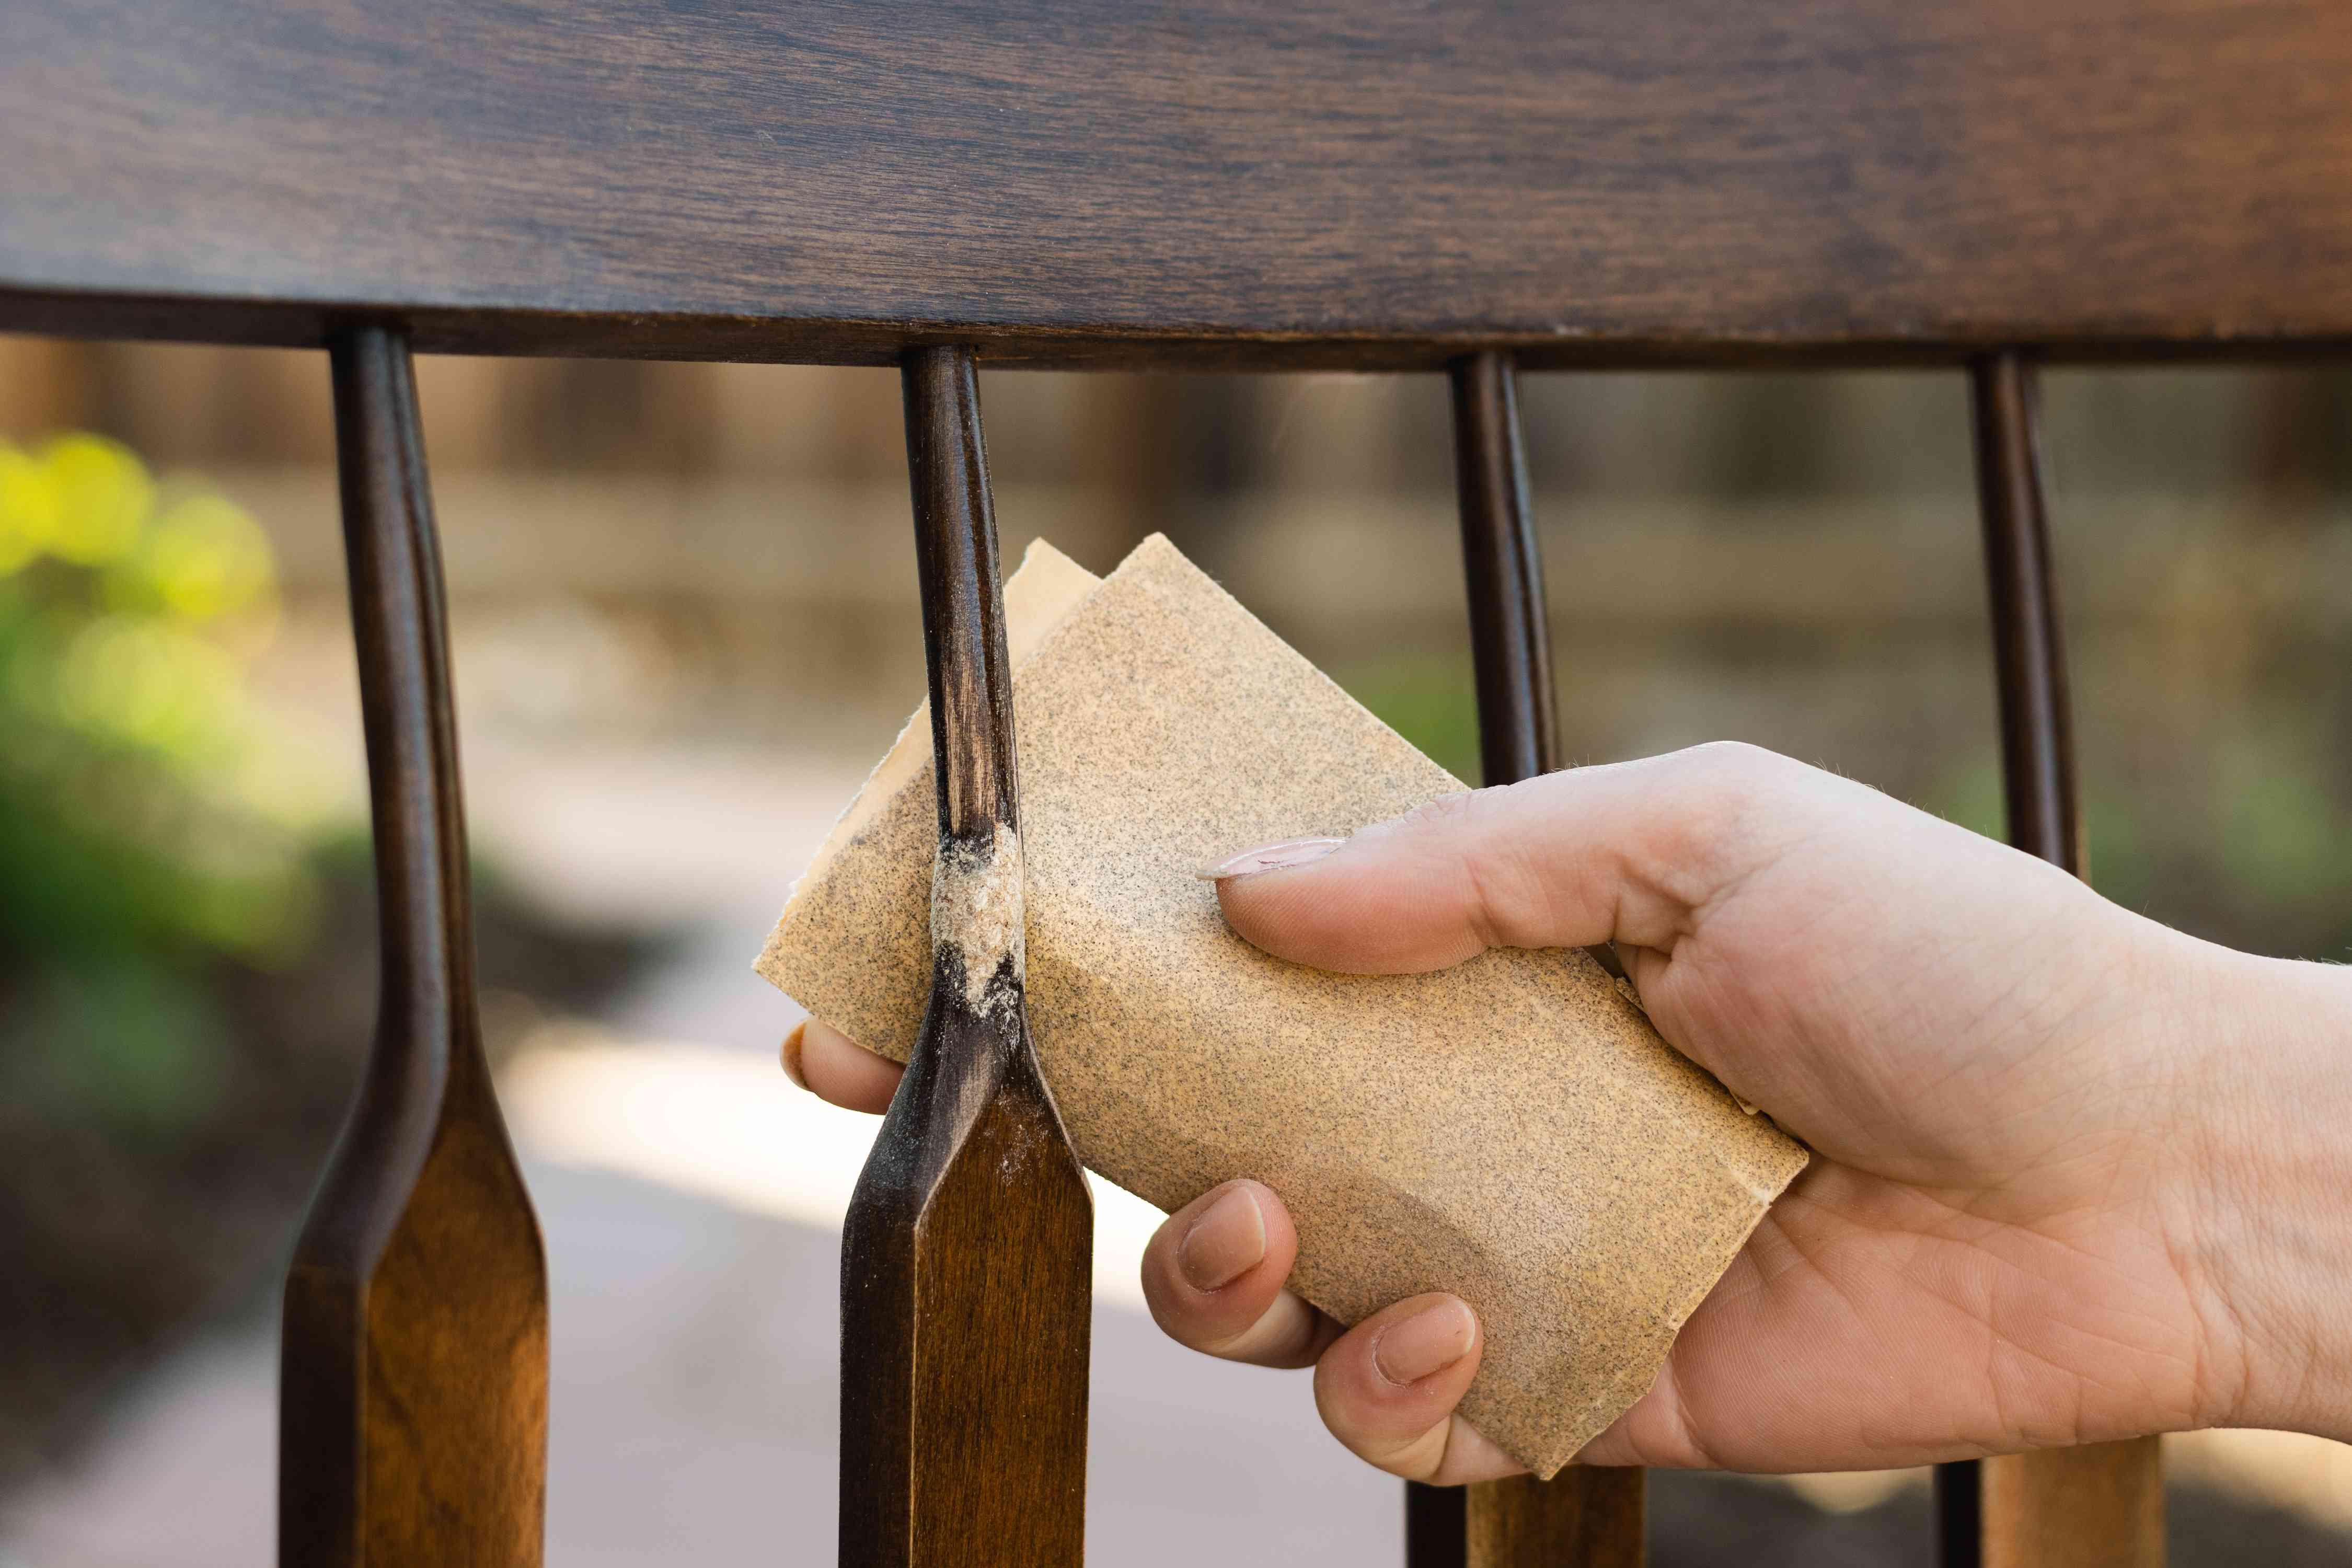 Wood filler sanded lightly with fine-grit sandpaper